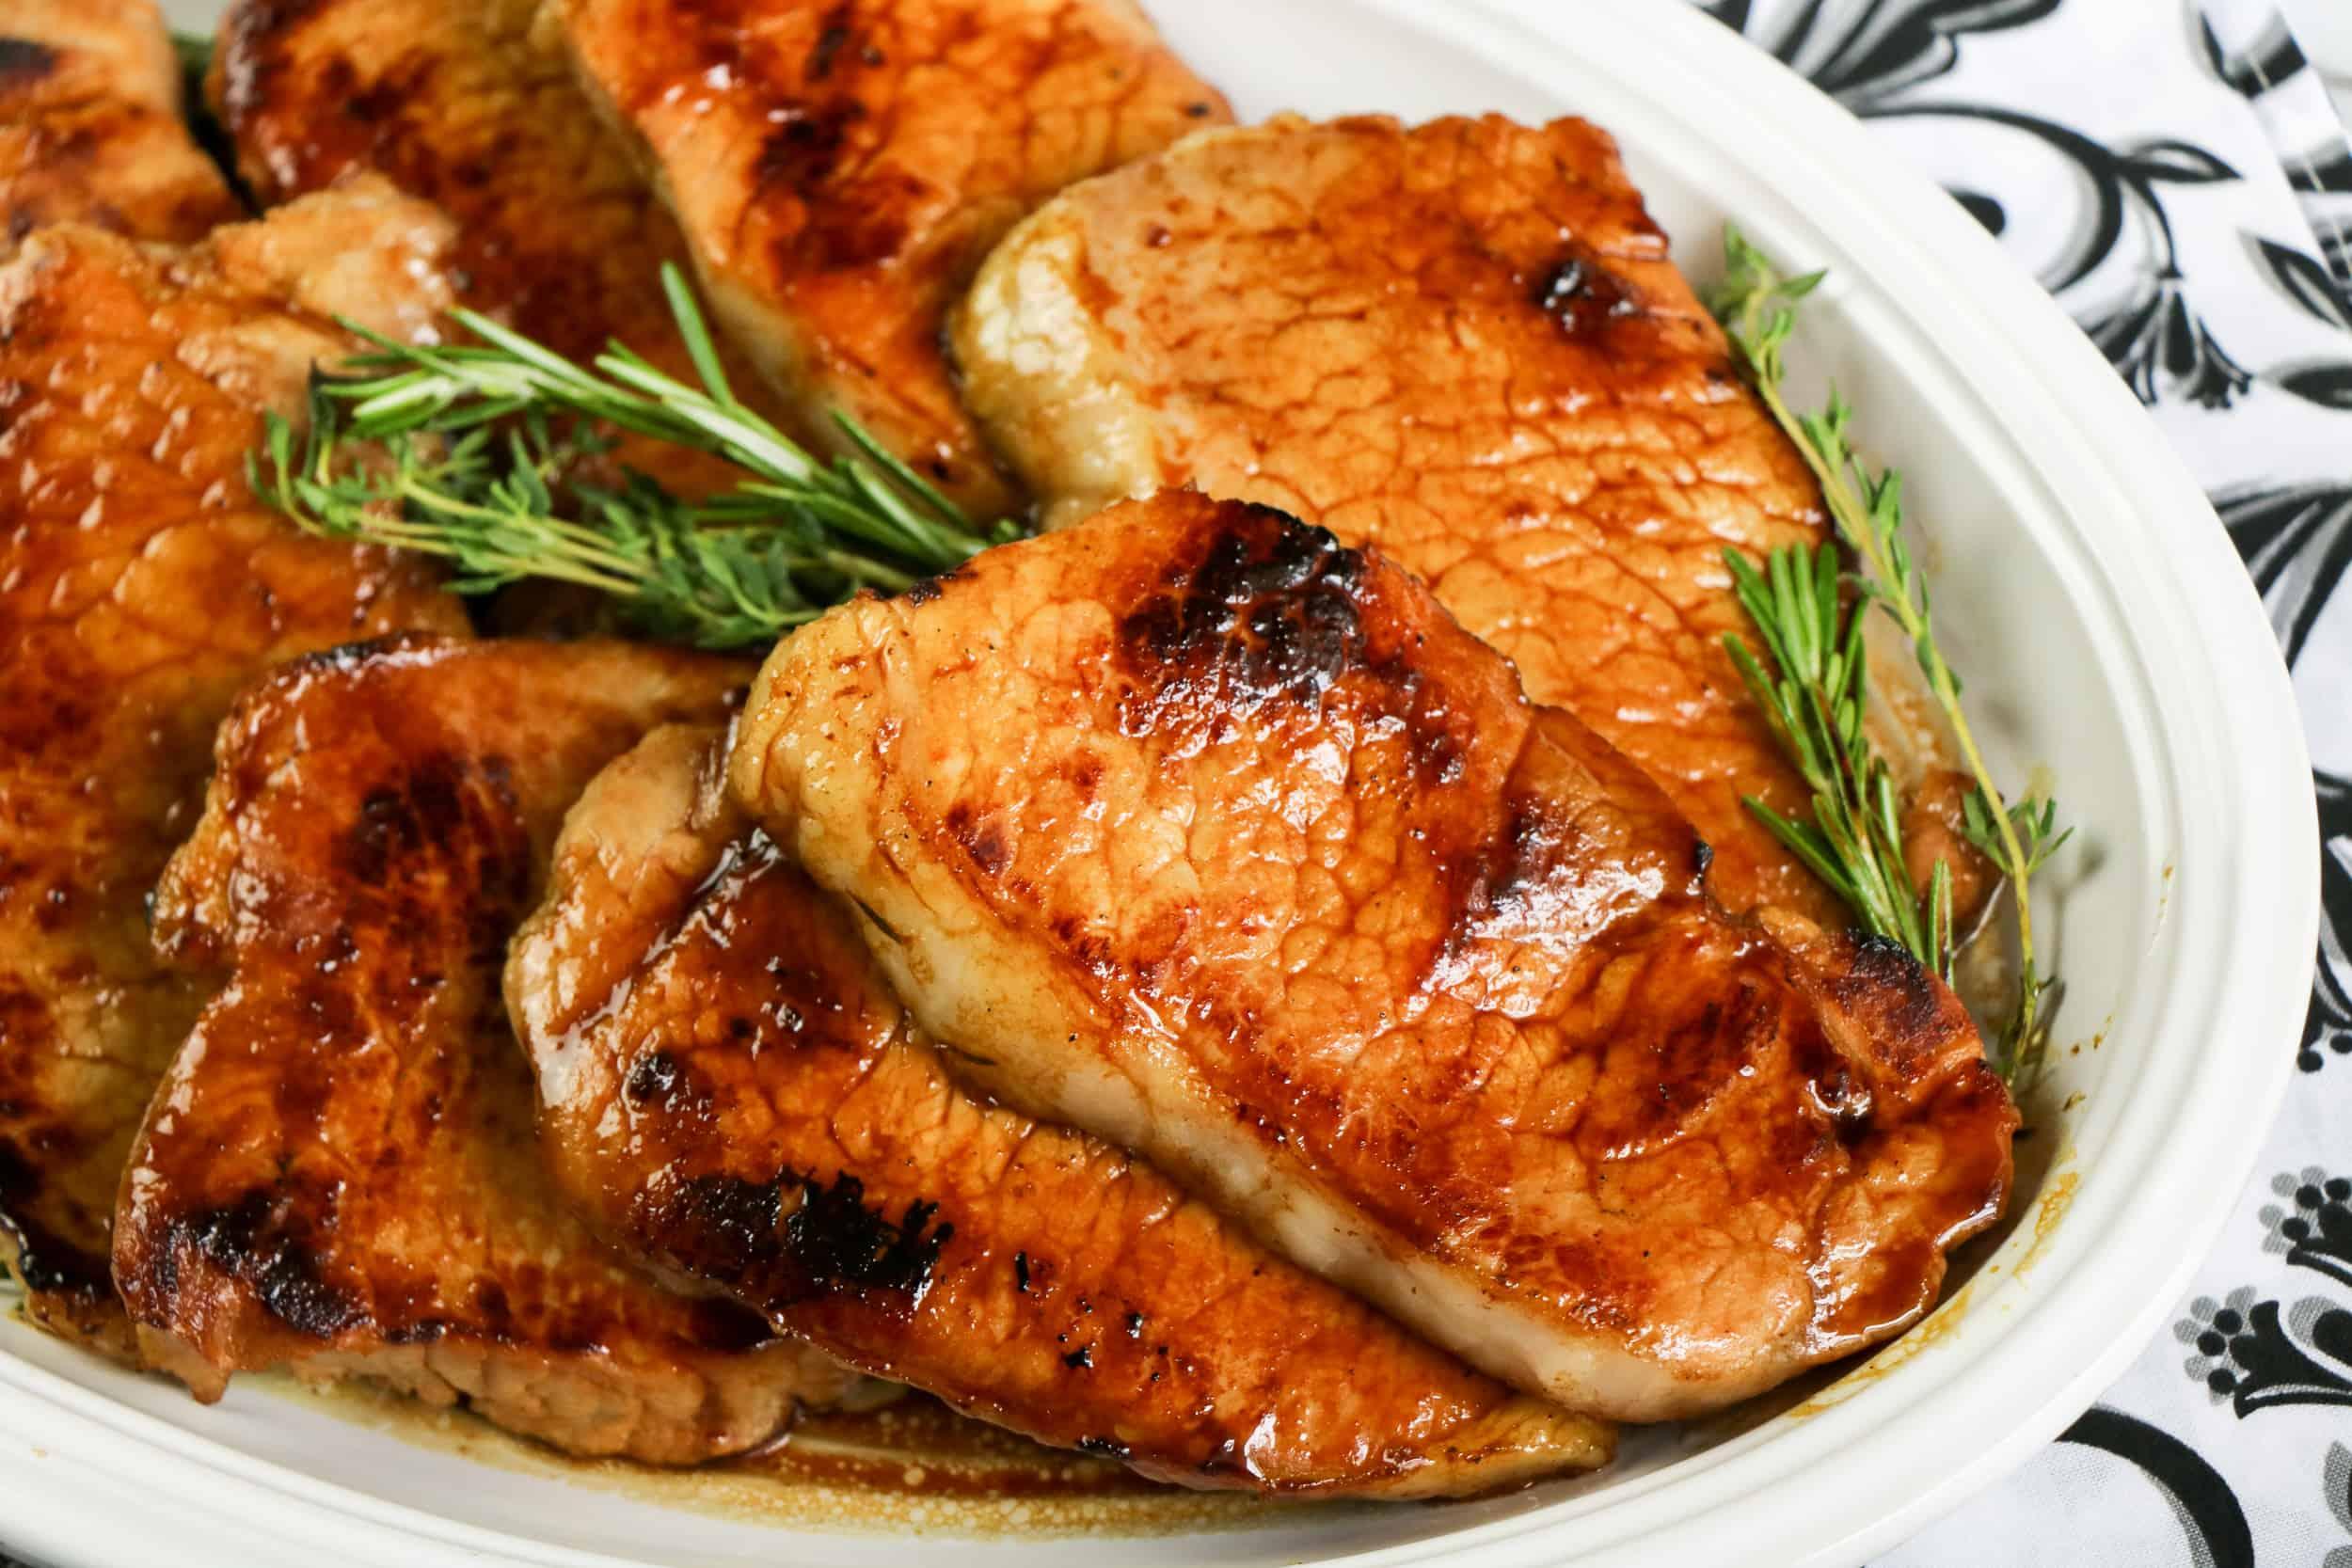 Plate of Pork Chops With Bourbon Molasses Glaze